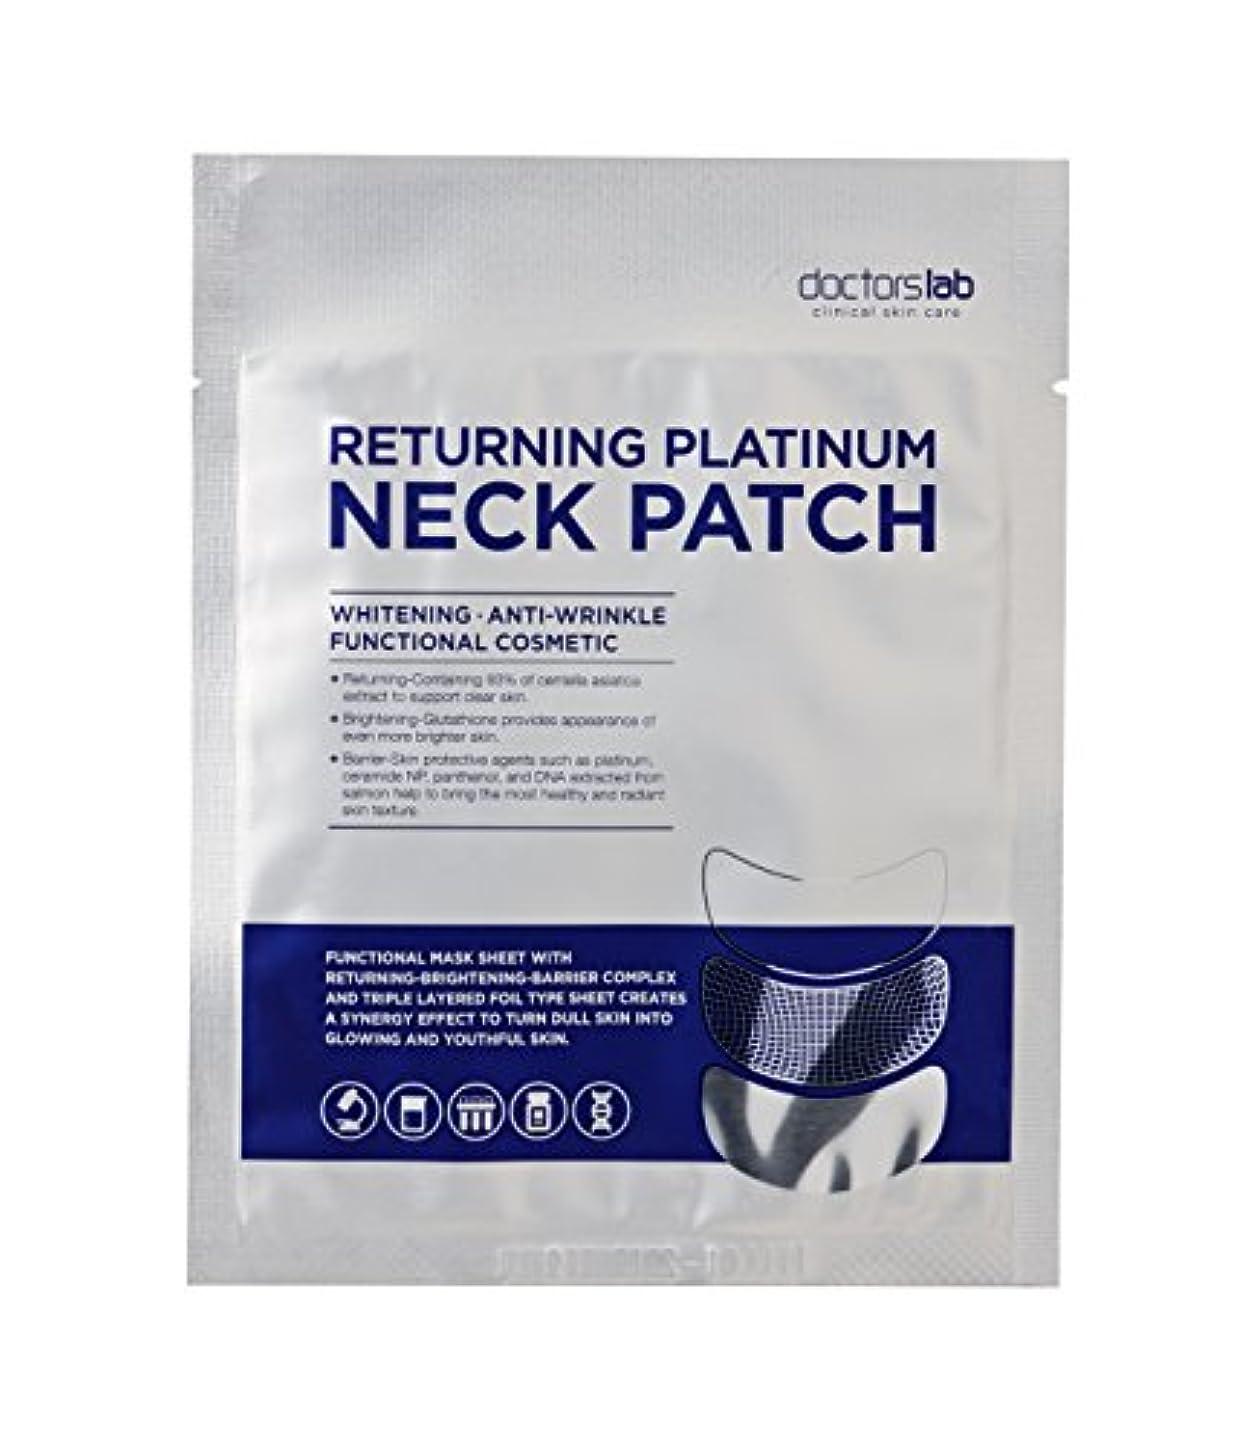 報奨金根拠分子Doctor's Lab Clinical Skin Care 戻るプラチナネックパッチ 4本/箱